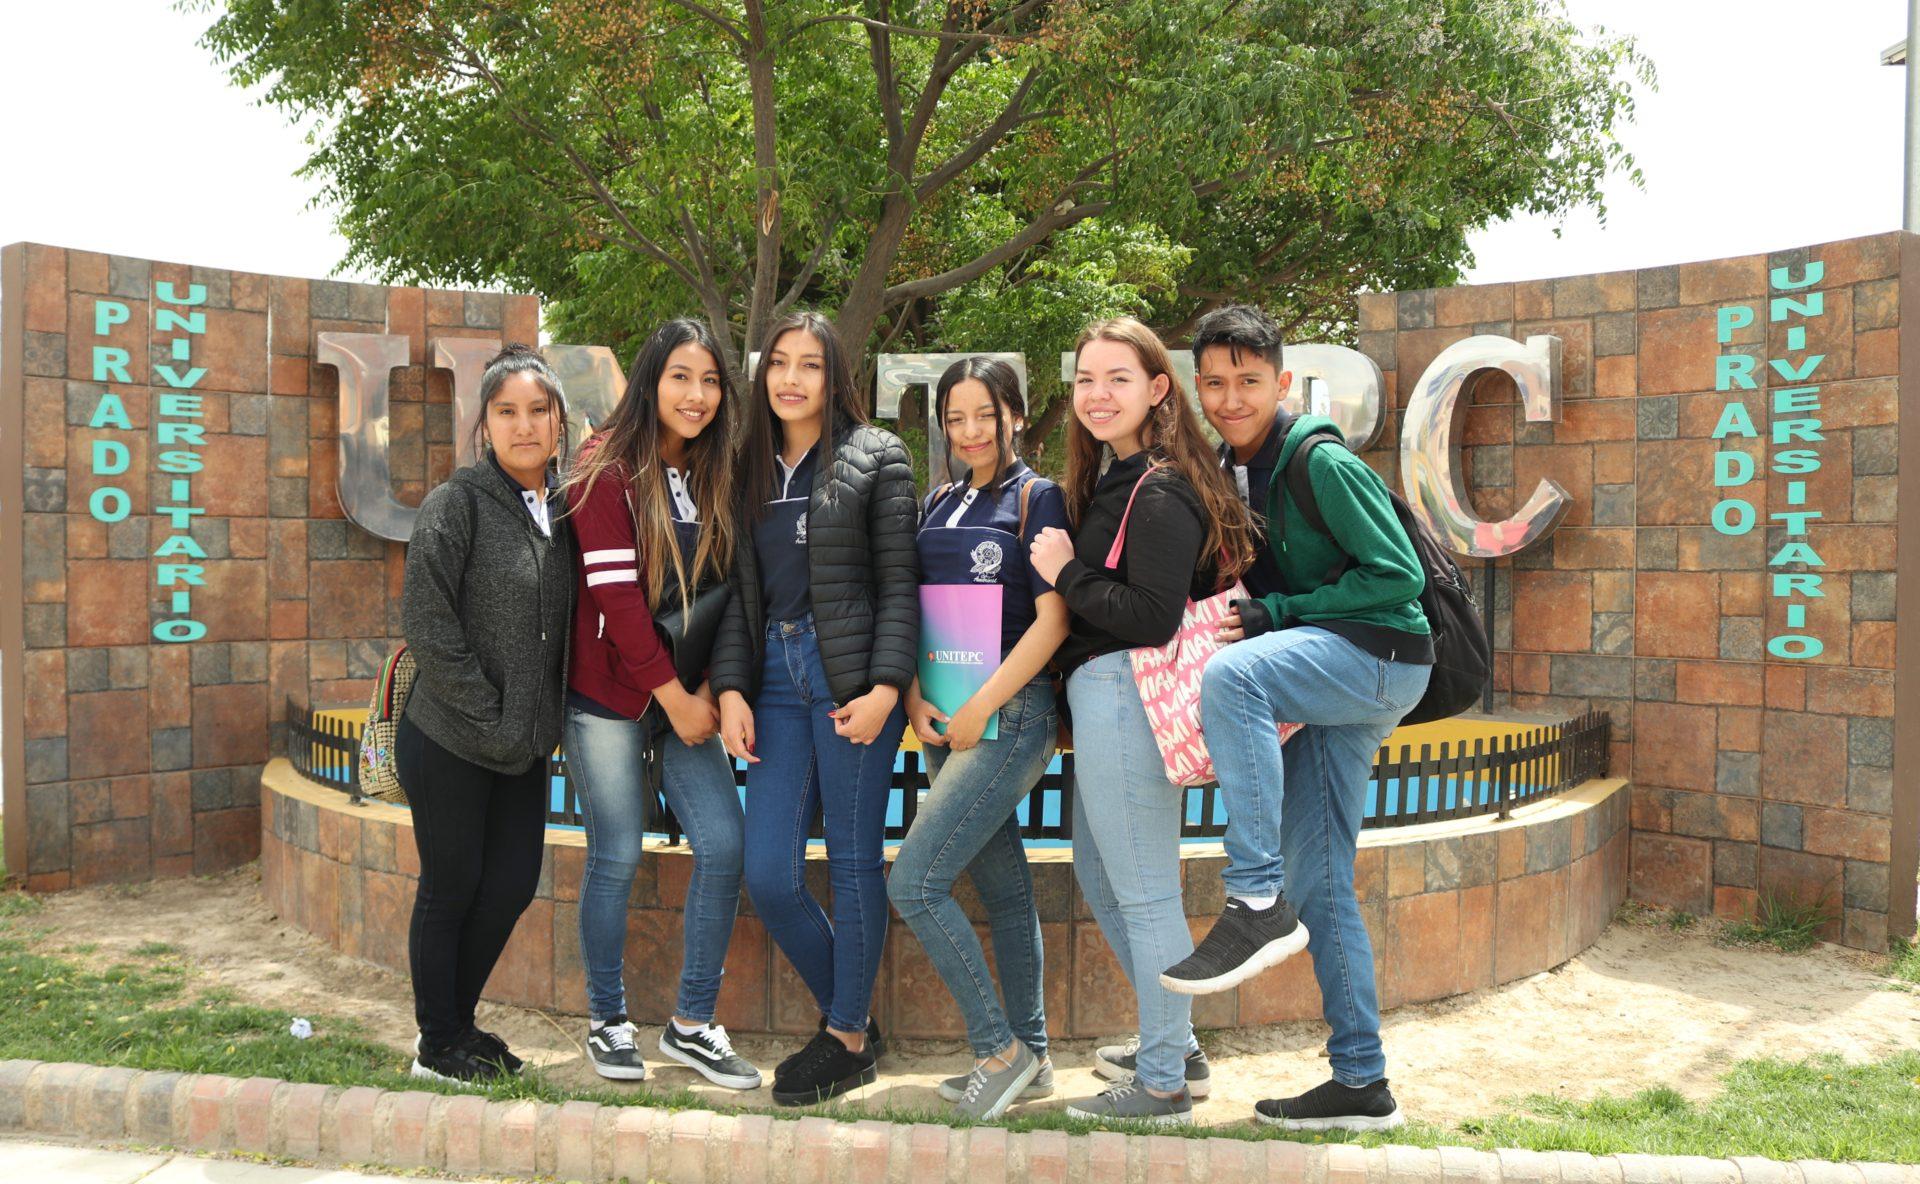 Visita del Colegio Amerinst al Campus Florida